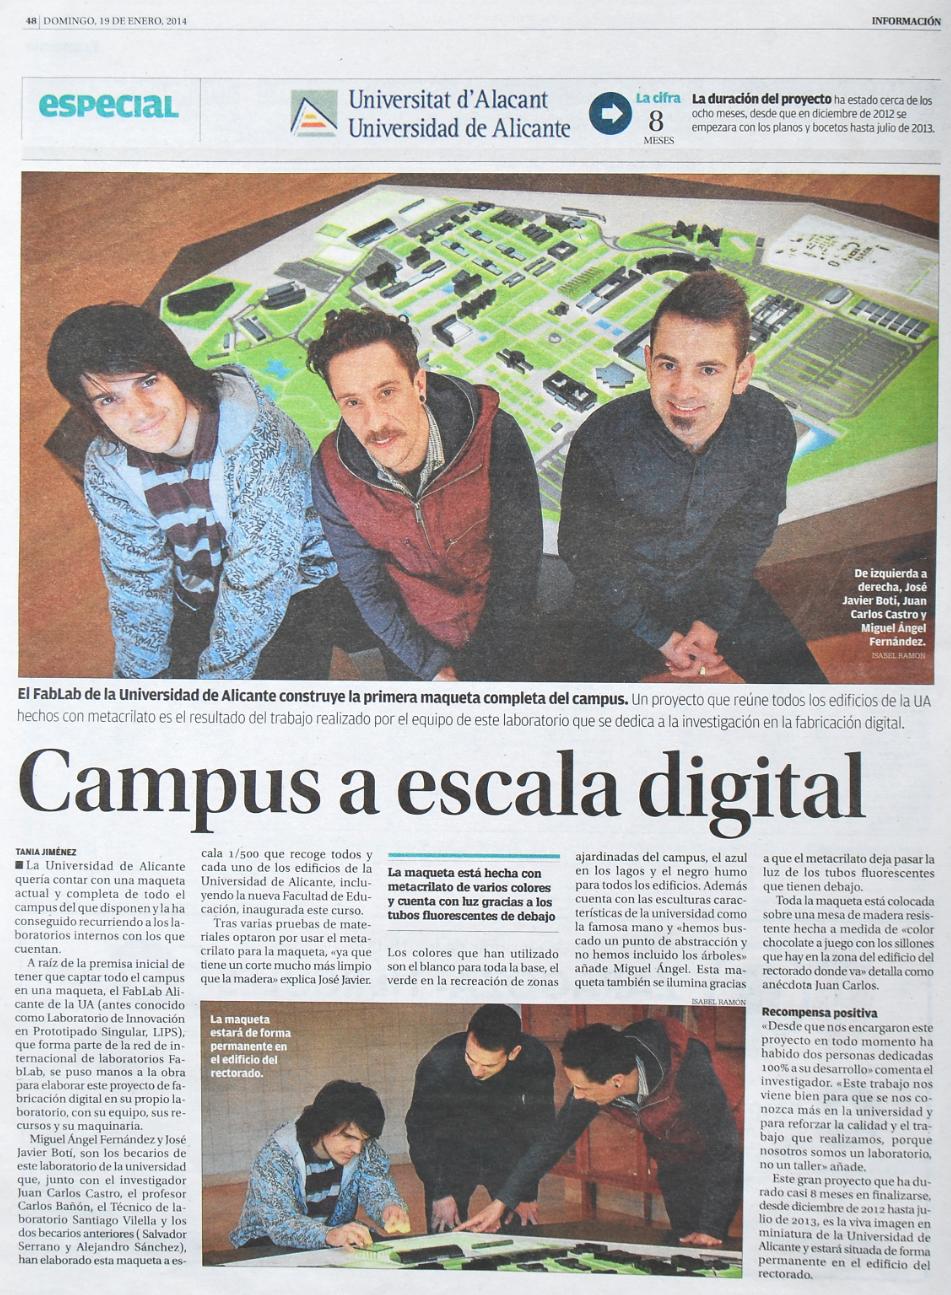 Noticia en diario Información de la maqueta de la Universidad de Alicante